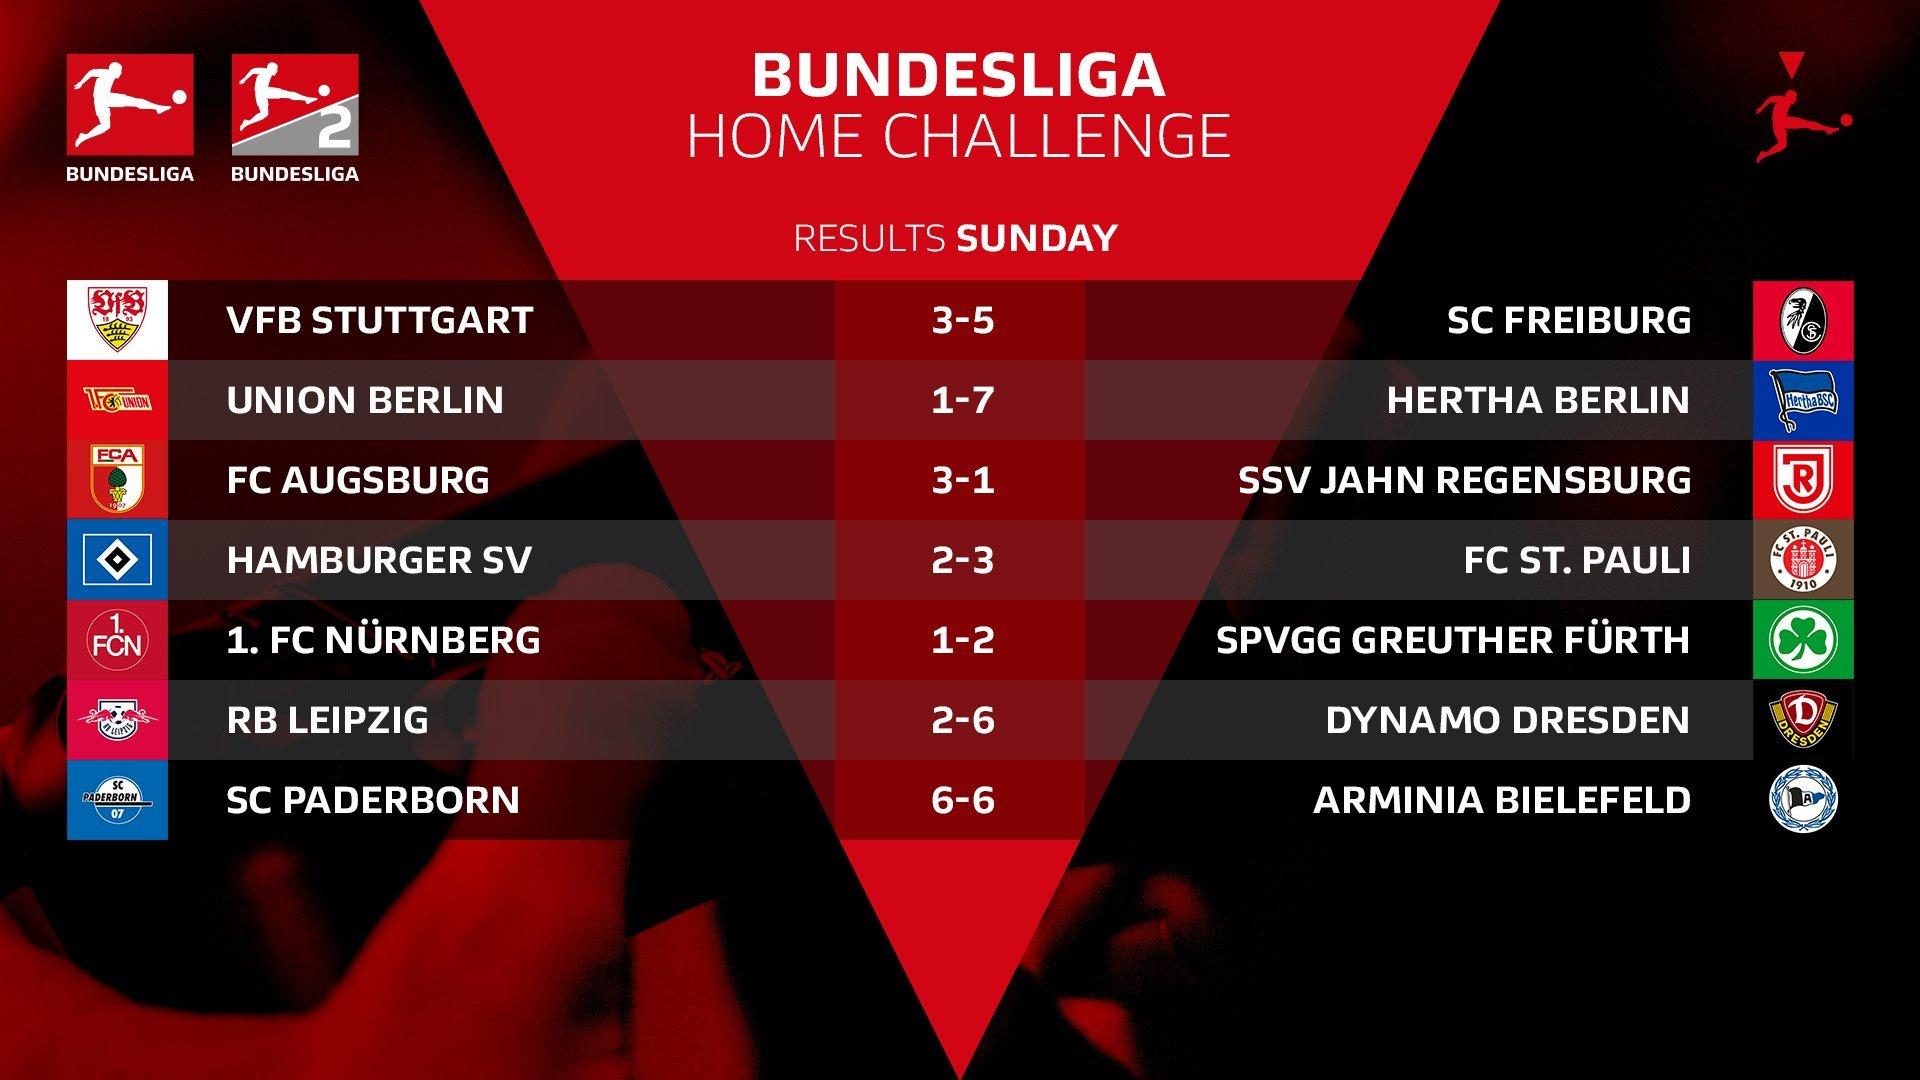 Киберфутбол. FIFA 20. Бундеслига. #BundesligaHomeChallenge. 4-я игровая неделя. Результаты матчей - изображение 2